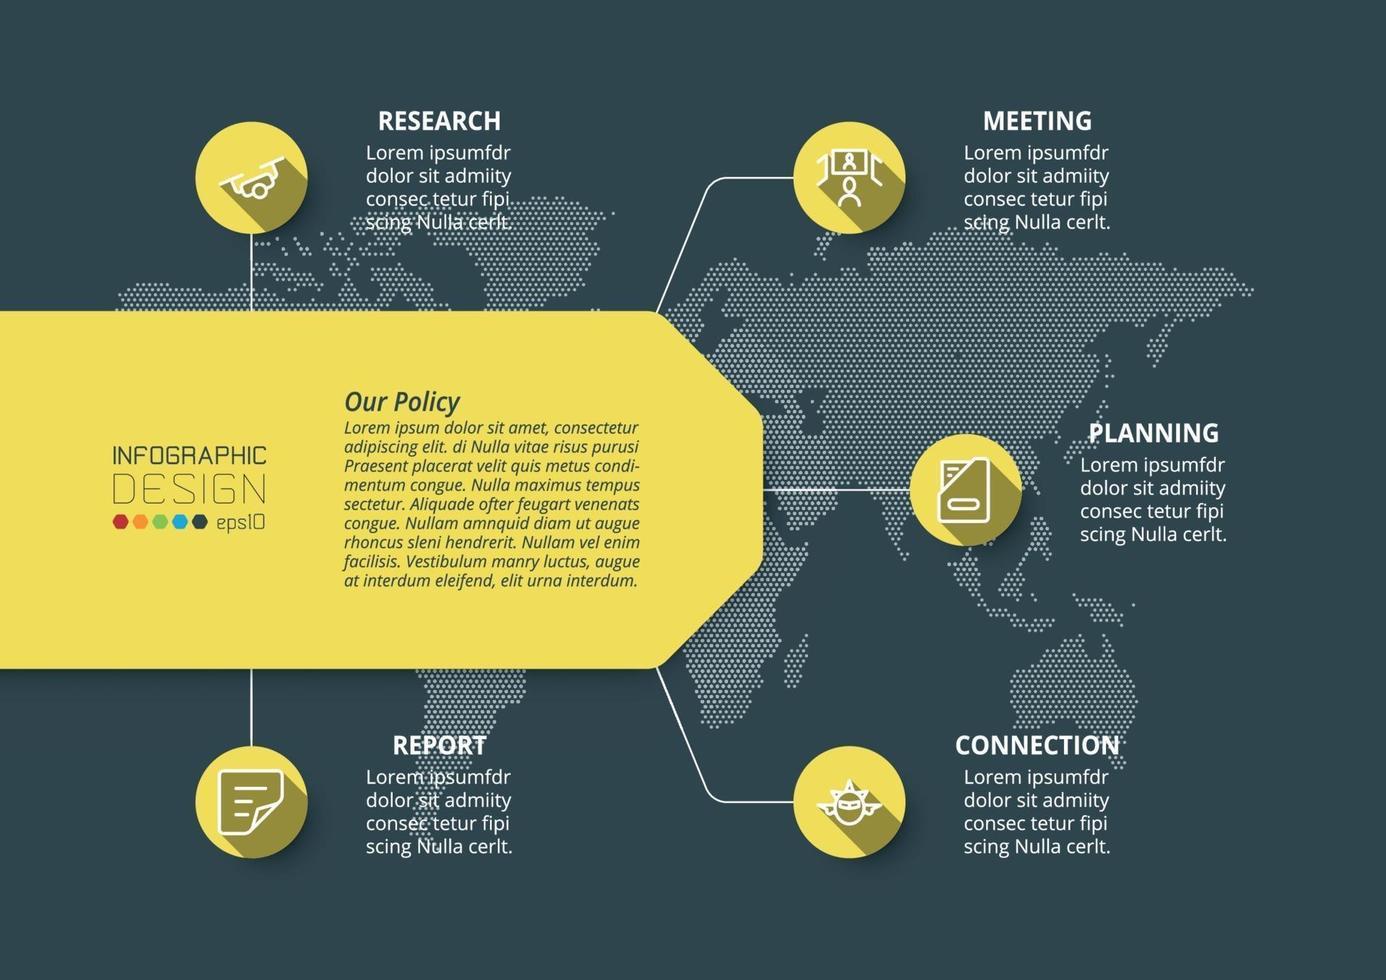 pianificazione del processo di lavoro della piattaforma aziendale. mezzi pubblicitari, marketing, presentazione di opere varie. vettore